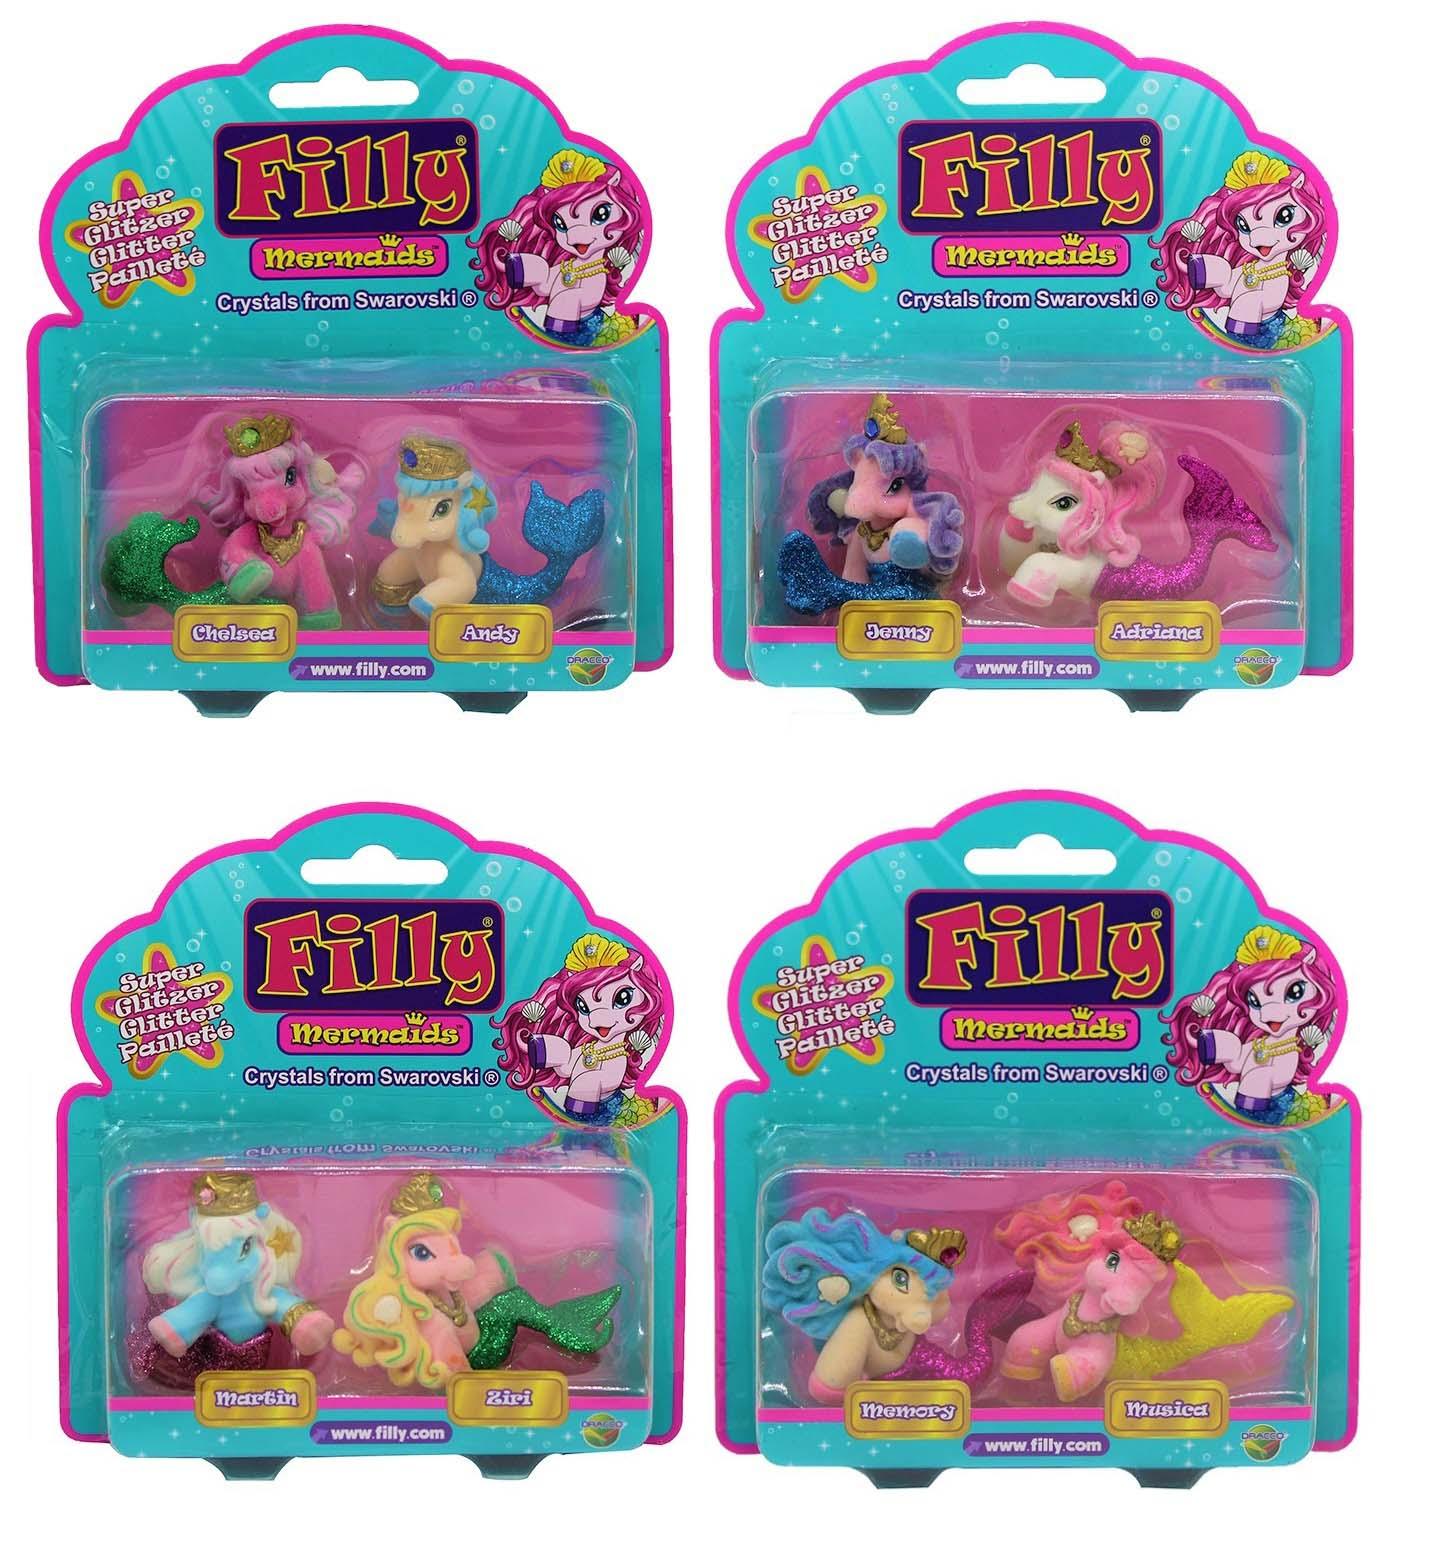 Dracco M063010 Filly Glitzer Mermaids Sammelpferde 2er Pack (Auswahl)